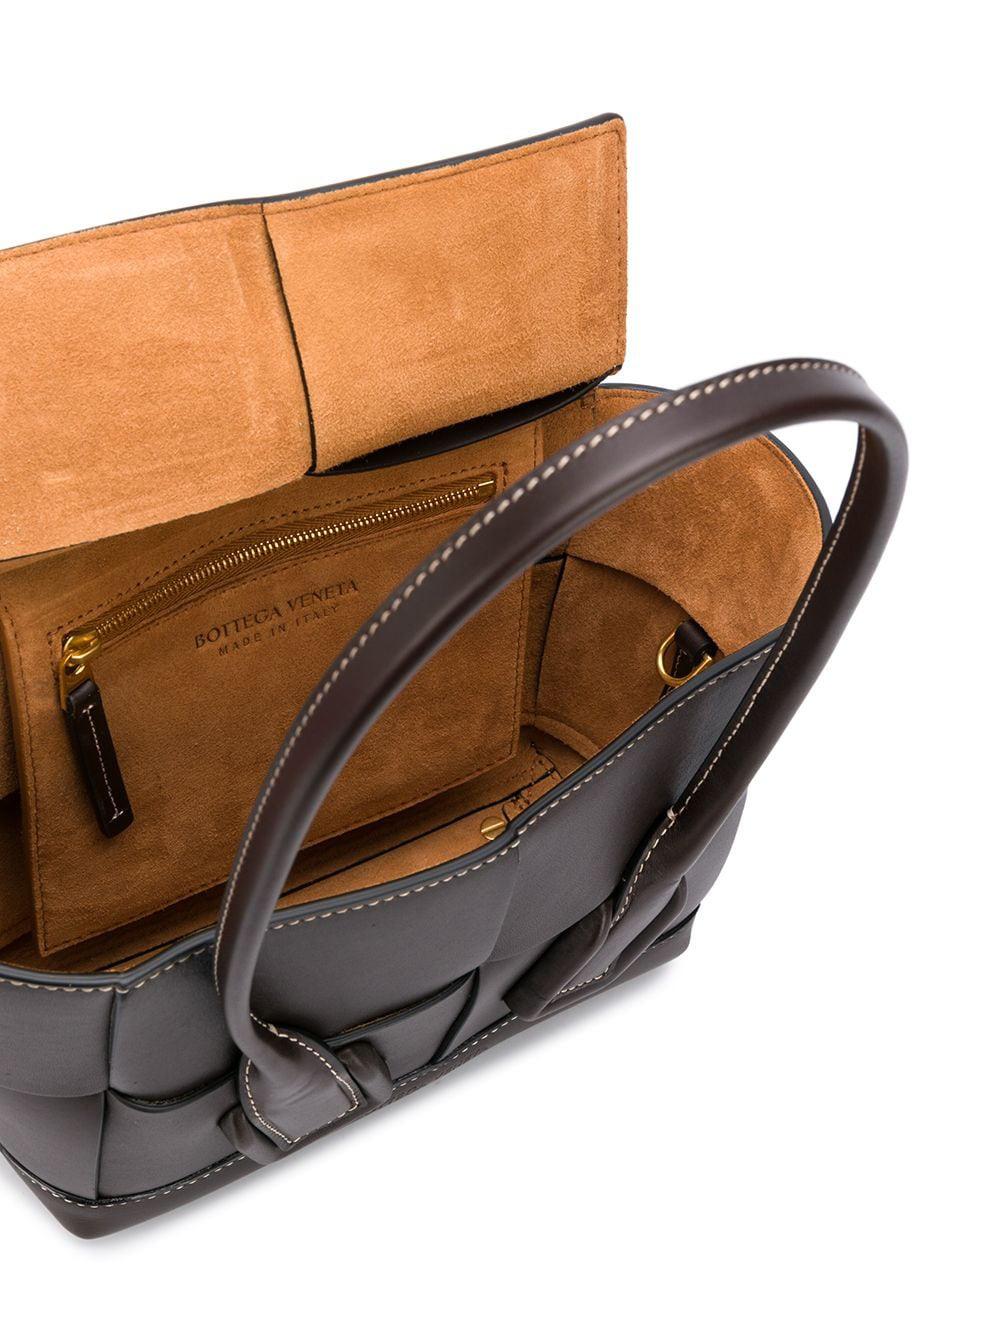 Không khóa đóng, không logo nổi bật, chiếc túi này có gì hot mà khiến loạt fashionista thế giới phải điên đảo? - Ảnh 8.